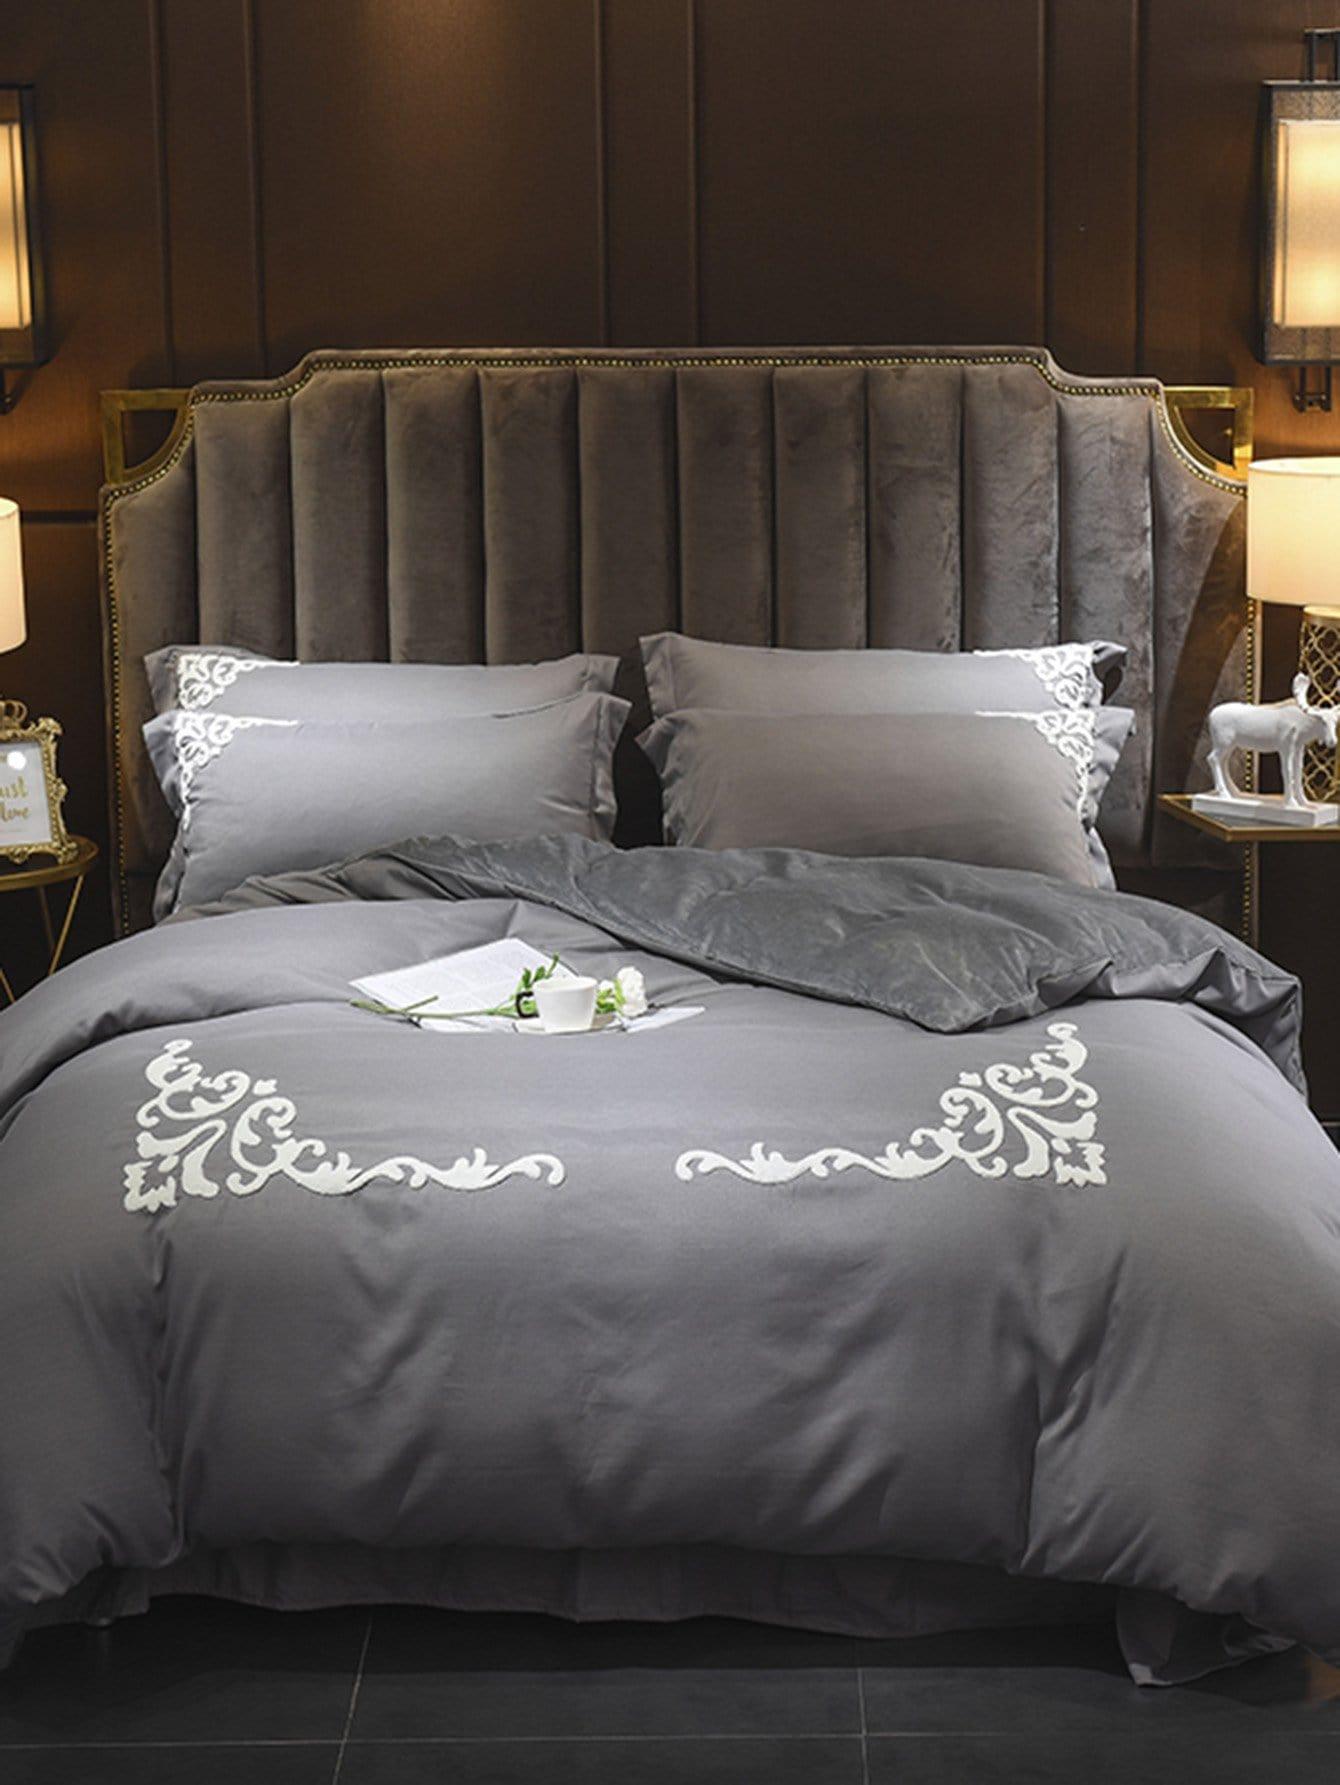 Купить Комплект простого постельного белья с вышивкой, null, SheIn